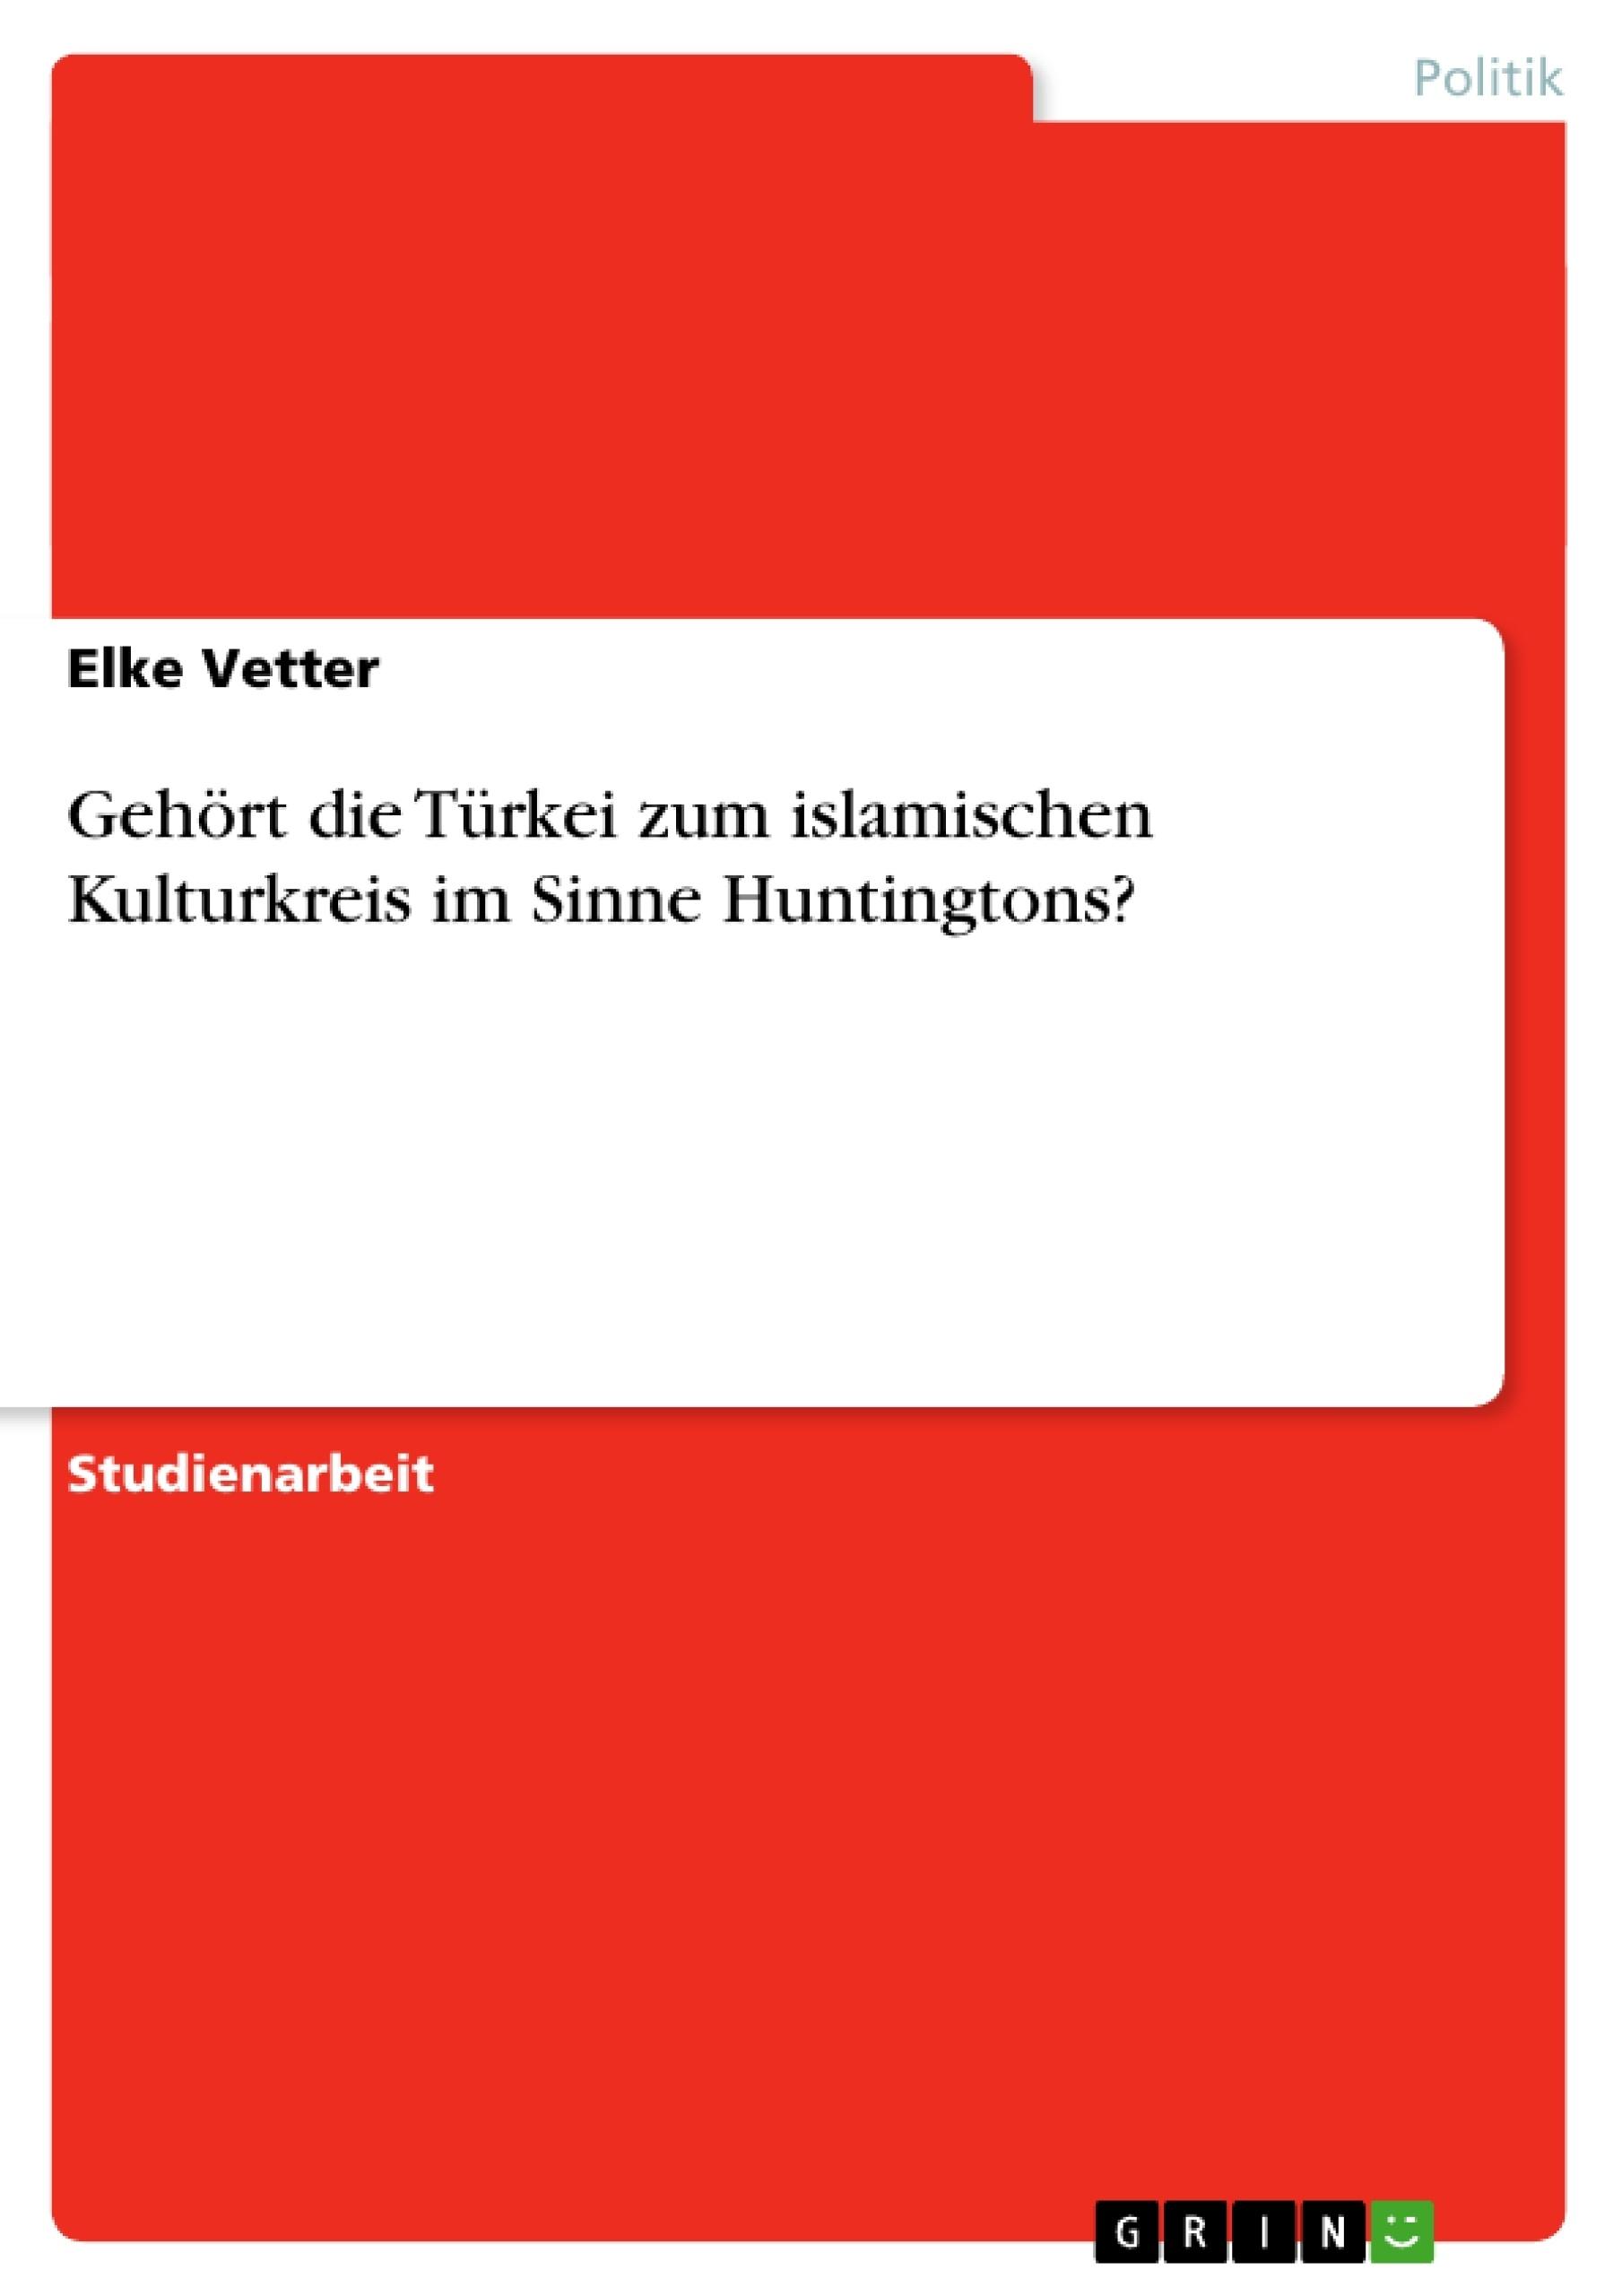 Titel: Gehört die Türkei zum islamischen Kulturkreis im Sinne Huntingtons?